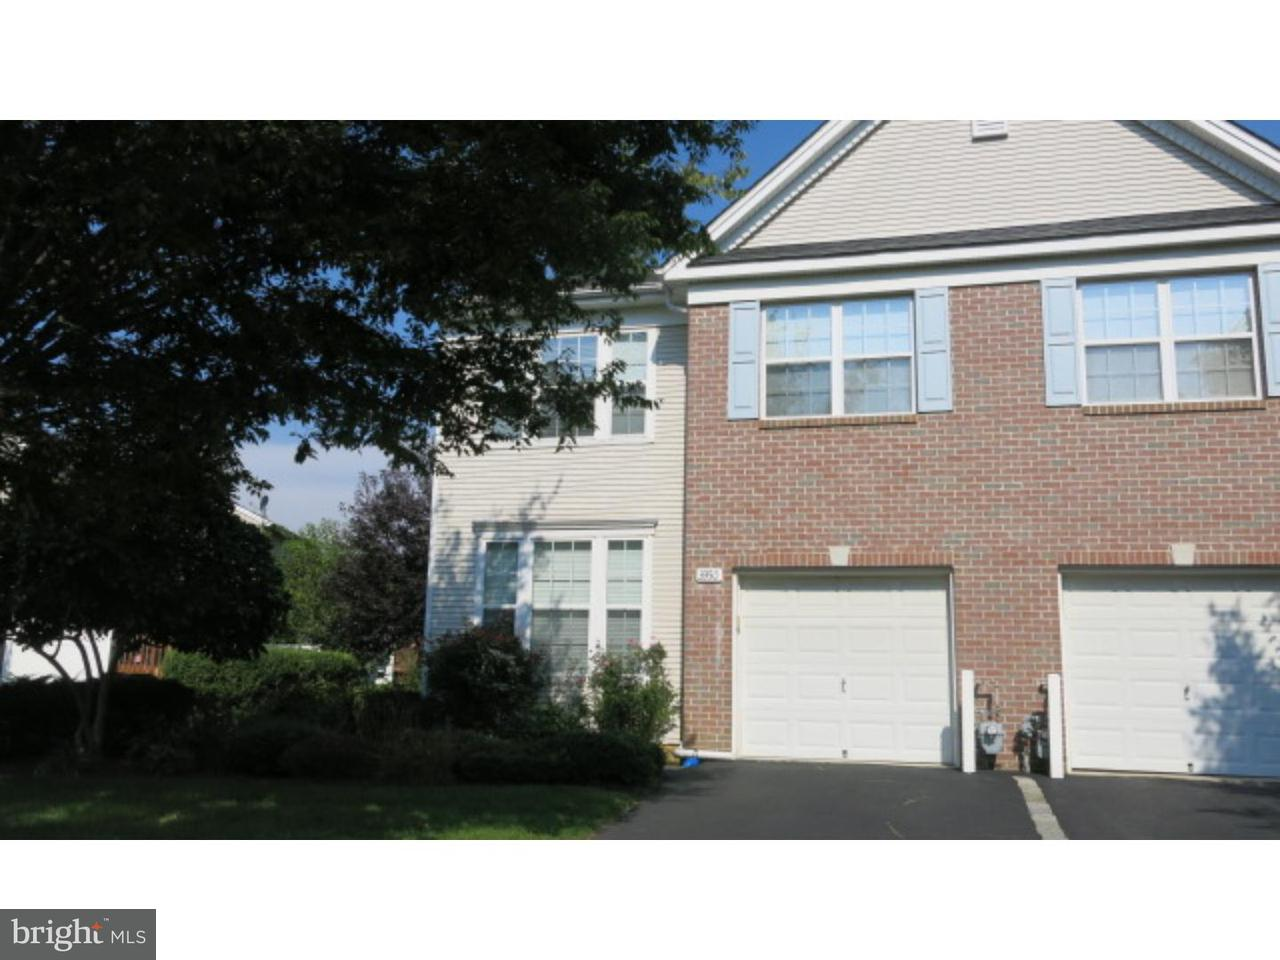 联栋屋 为 出租 在 3350 WOODLAND Circle 亨廷顿谷, 宾夕法尼亚州 19006 美国